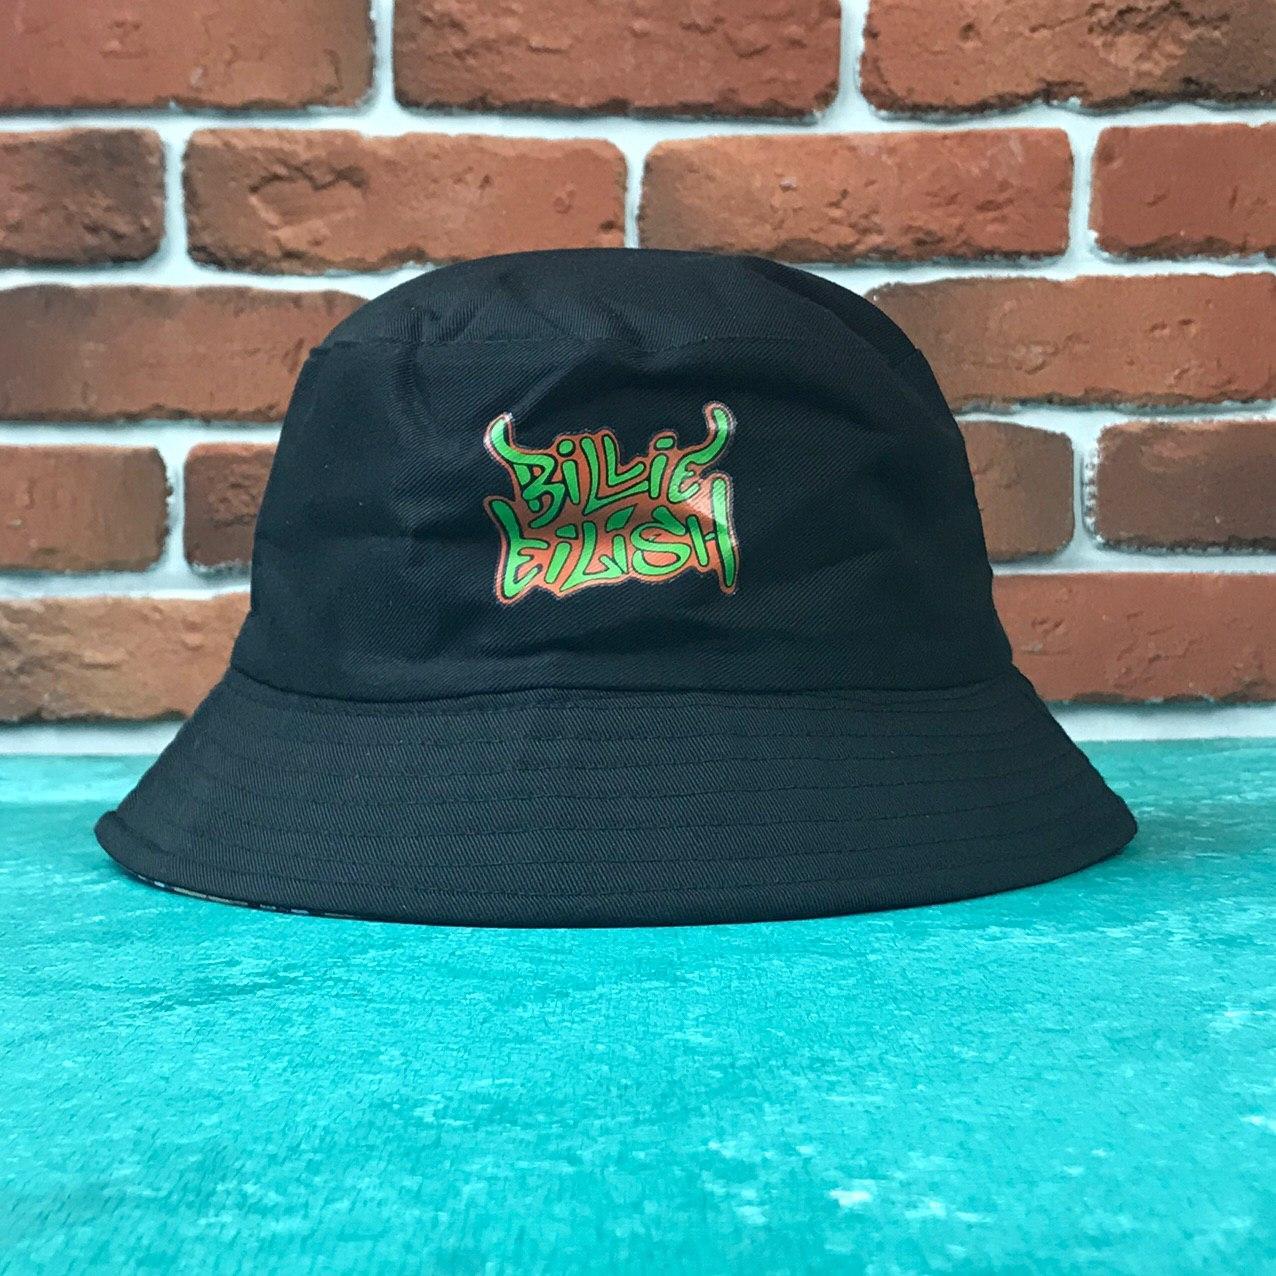 Панама Bucket Hat City-A Билли Айлиш Billie Eilish с надписью Двухсторонняя Черная